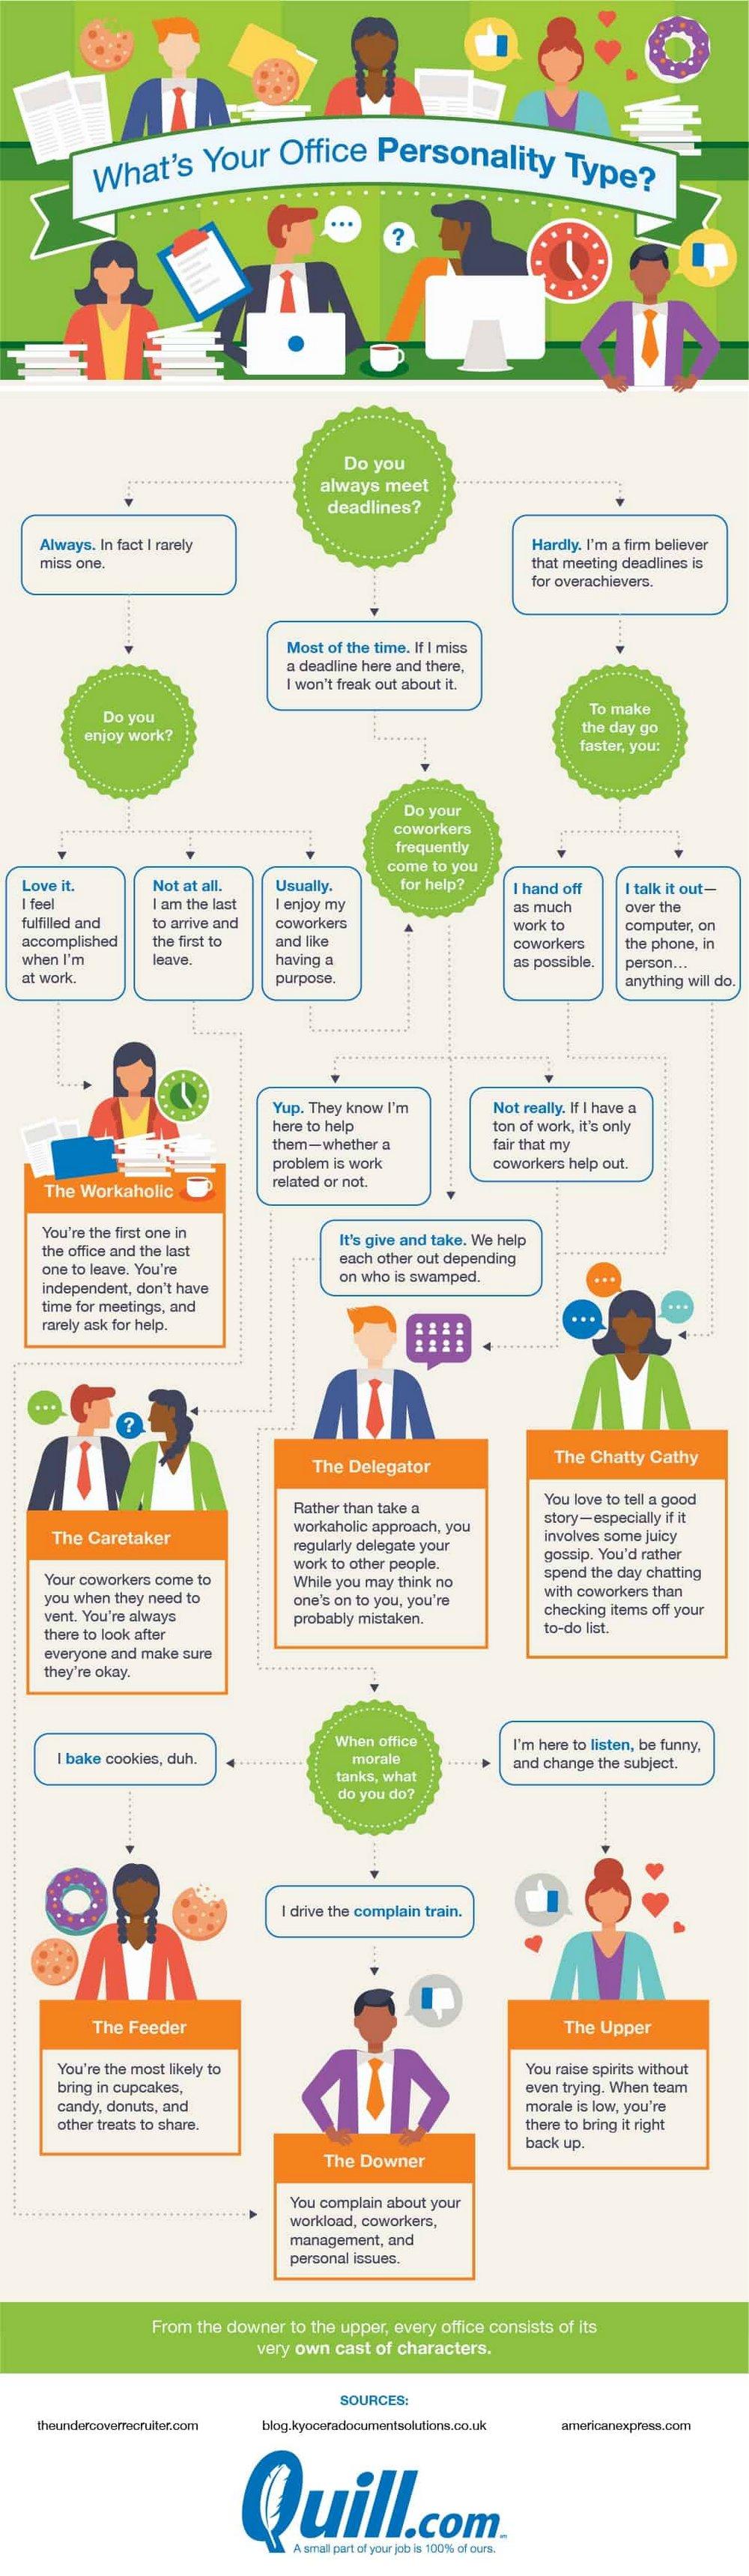 Wat is jouw persoonlijke kantoorstype